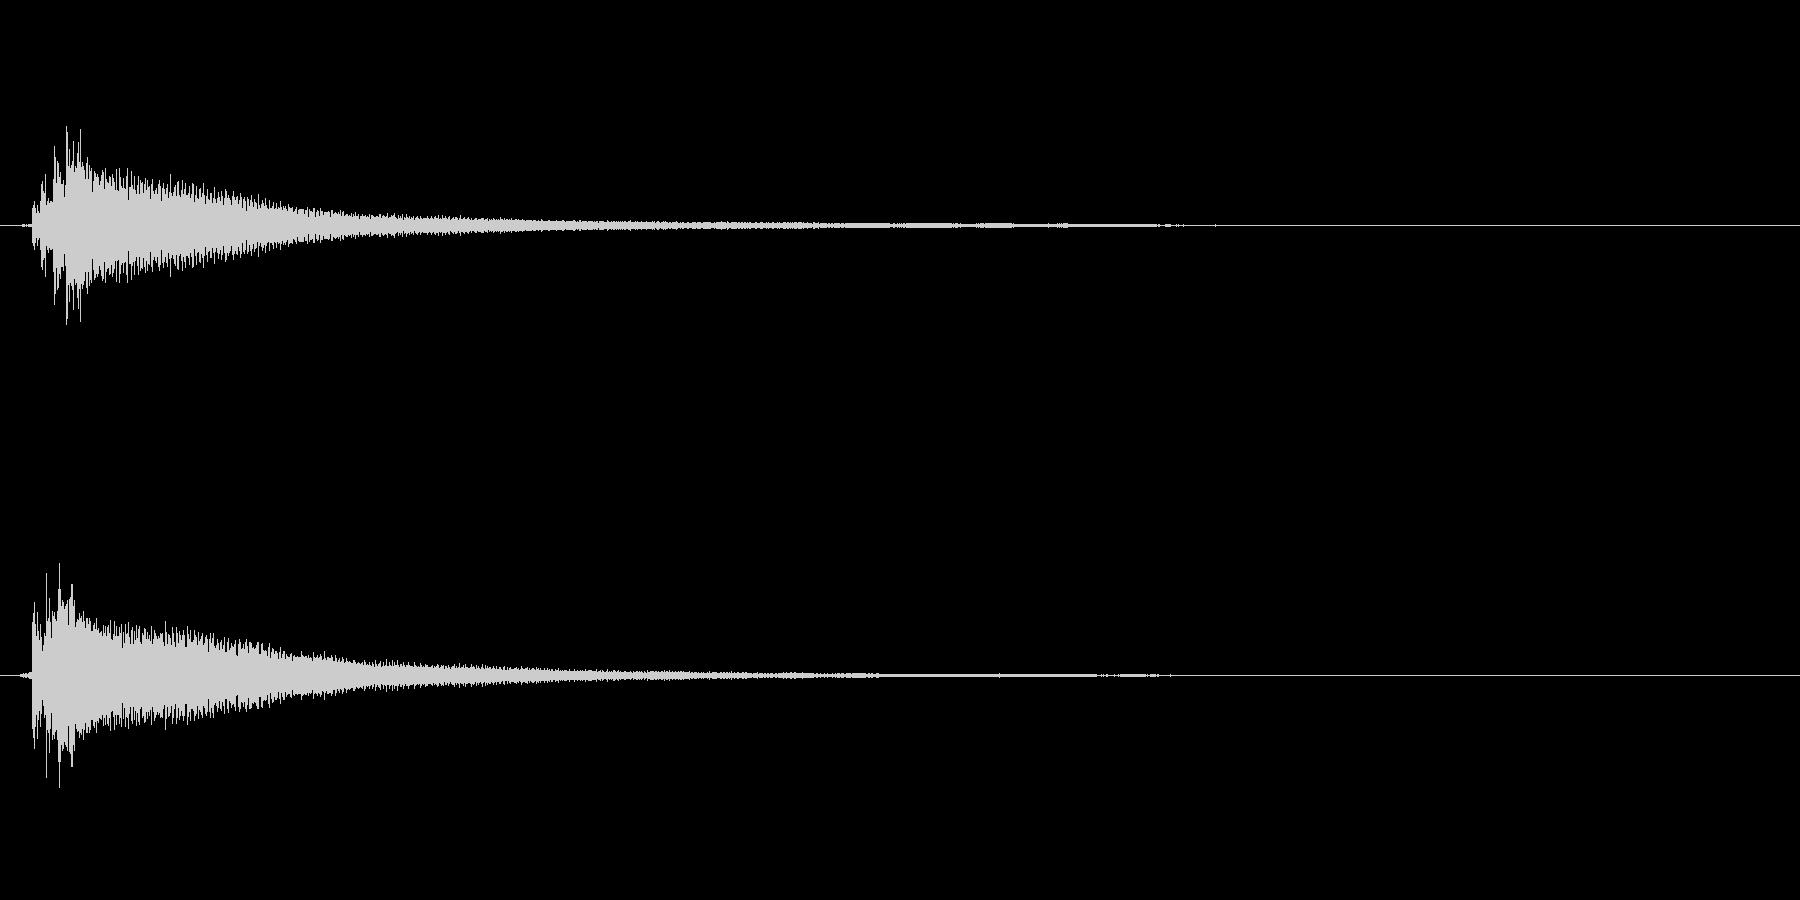 アコギのハーモニクスによるサウンドロゴの未再生の波形